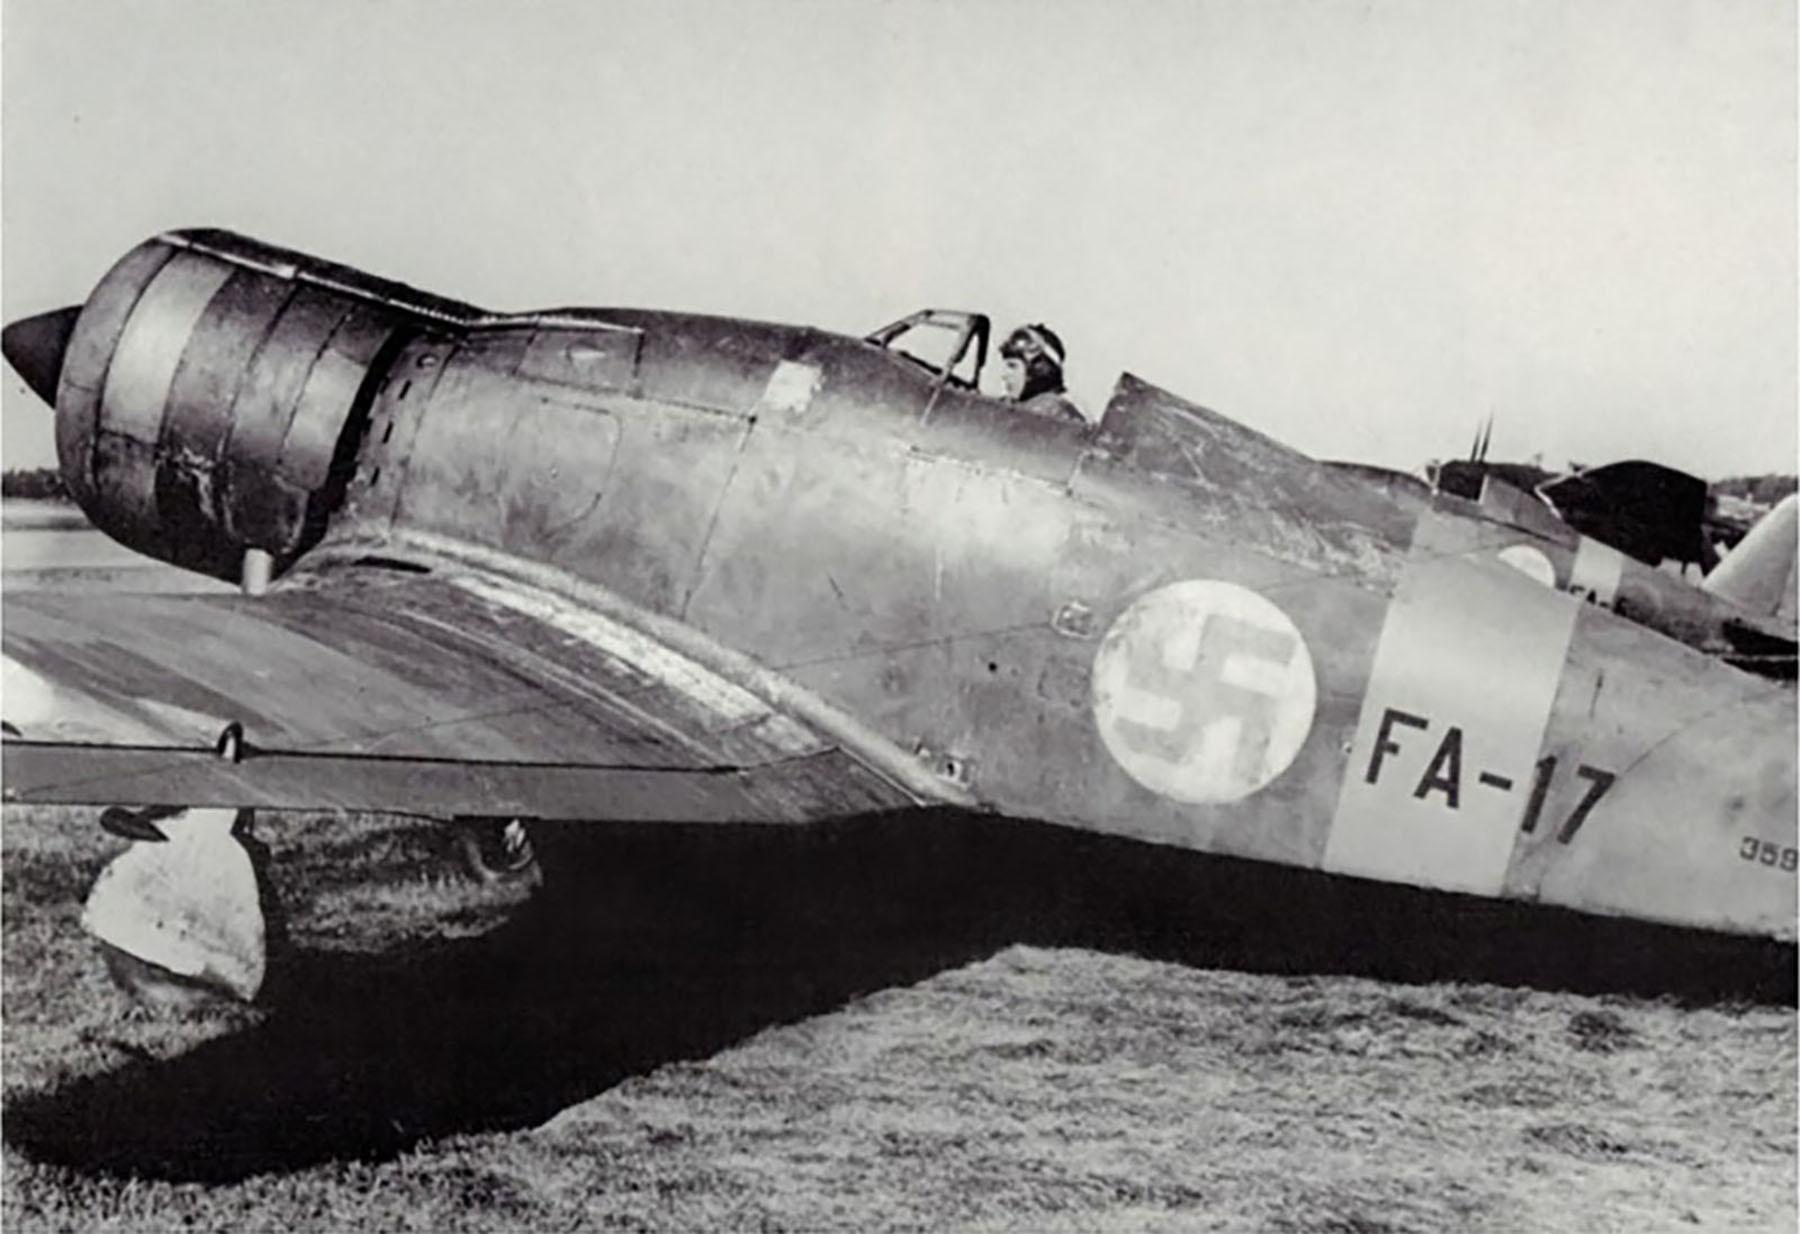 Fiat G50 Freccia FAF 3.LeLv26 FA17 MM3599 Kauhava Finland 1940 01